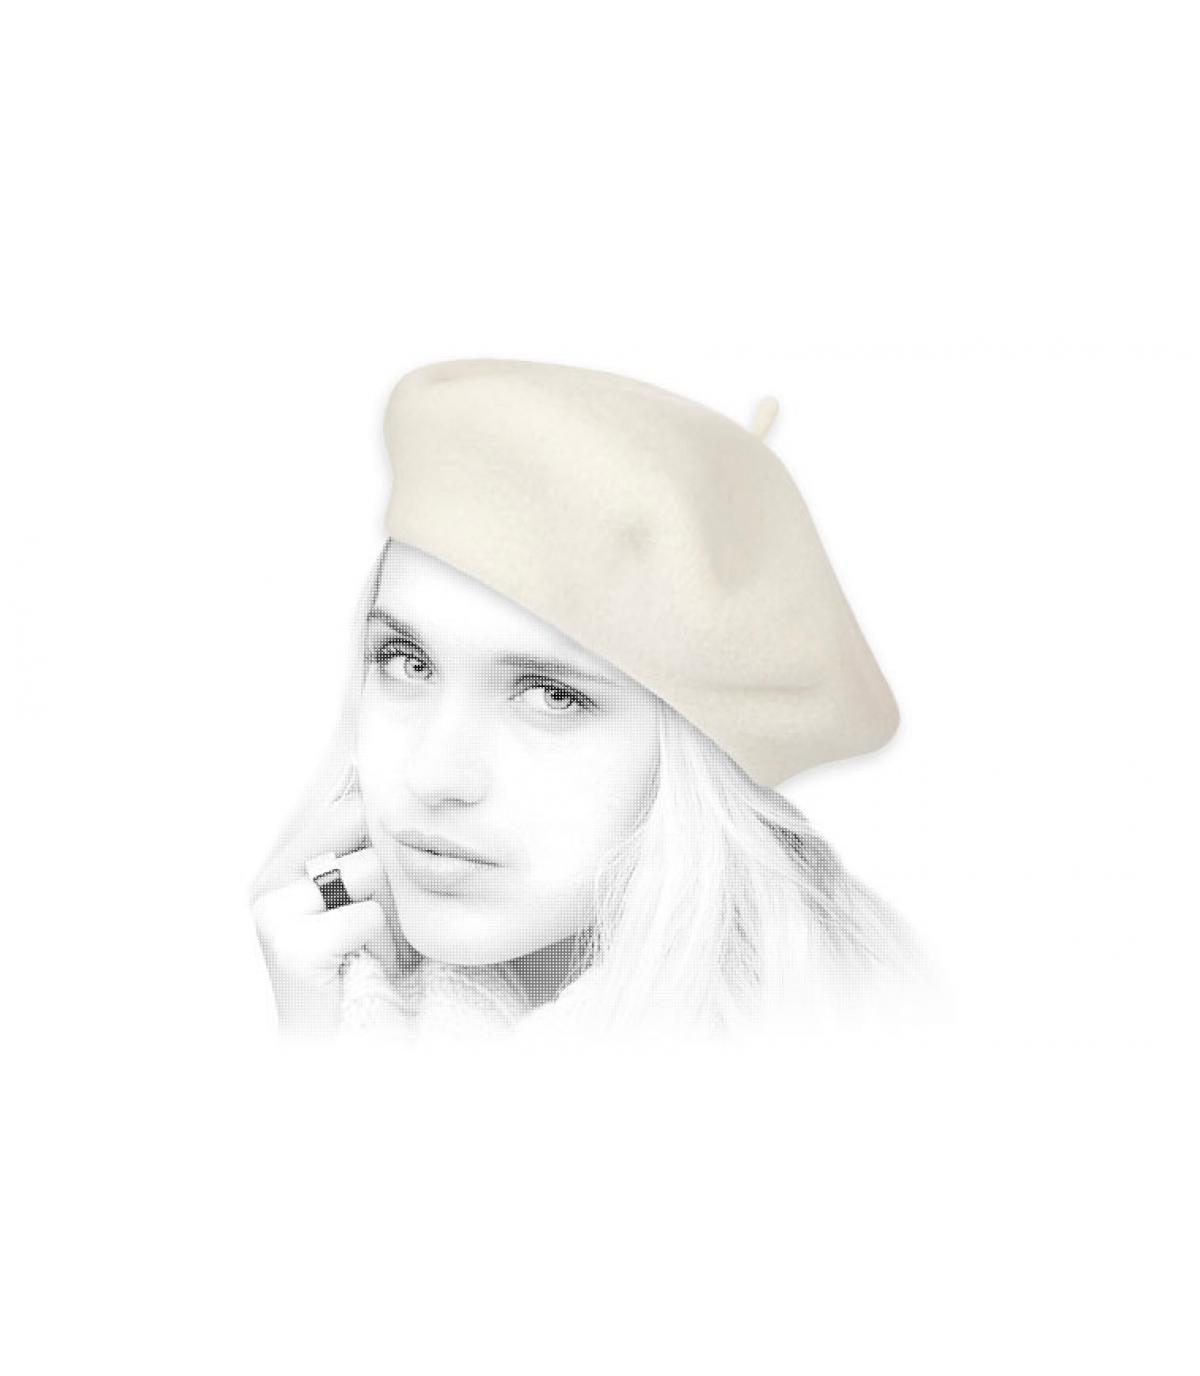 Gorro mujer beige